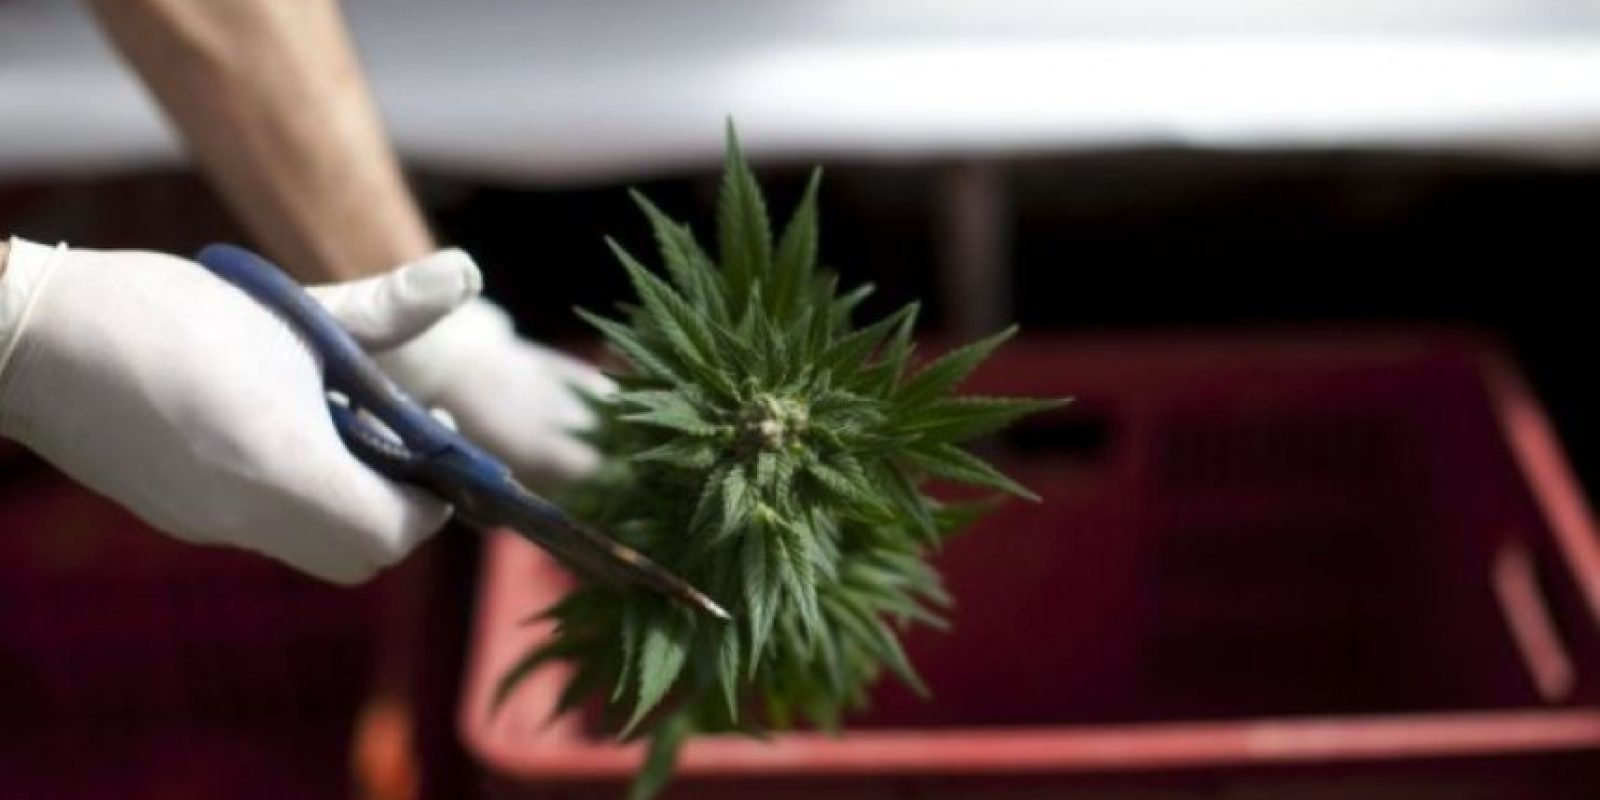 """Según la Sociedad Americana contra el Cáncer, """"un número de estudios pequeños de la marihuana fumada encontró que puede ser útil en el tratamiento de las náuseas y vómitos de la quimioterapia del cáncer"""" Foto:Getty Images"""